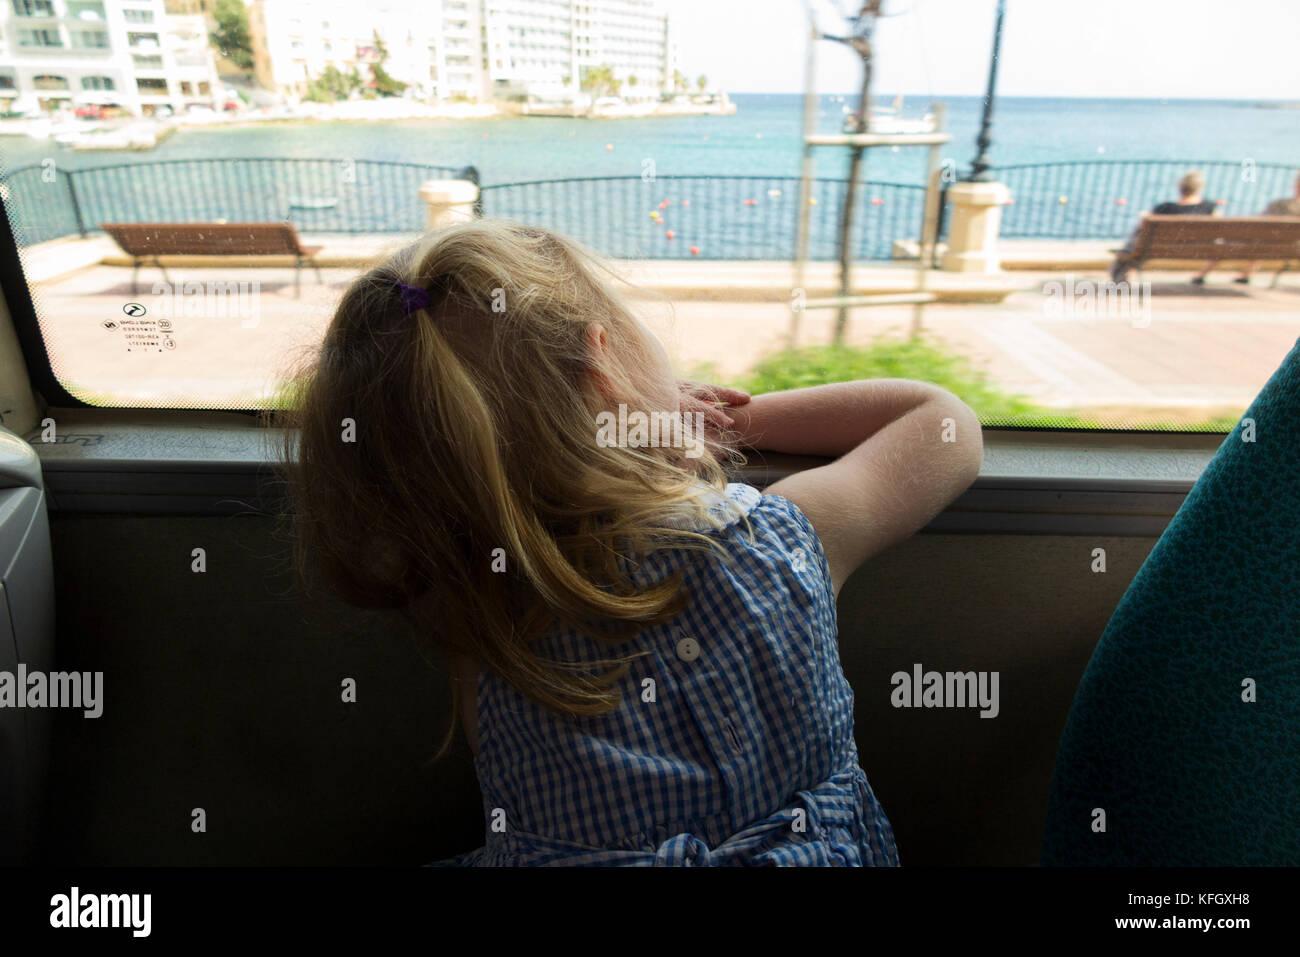 Drei Jahre altes Mädchen/Kind/Passagier/Passagiere auf einen öffentlichen Bus/mit öffentlichen Verkehrsmitteln Stockbild